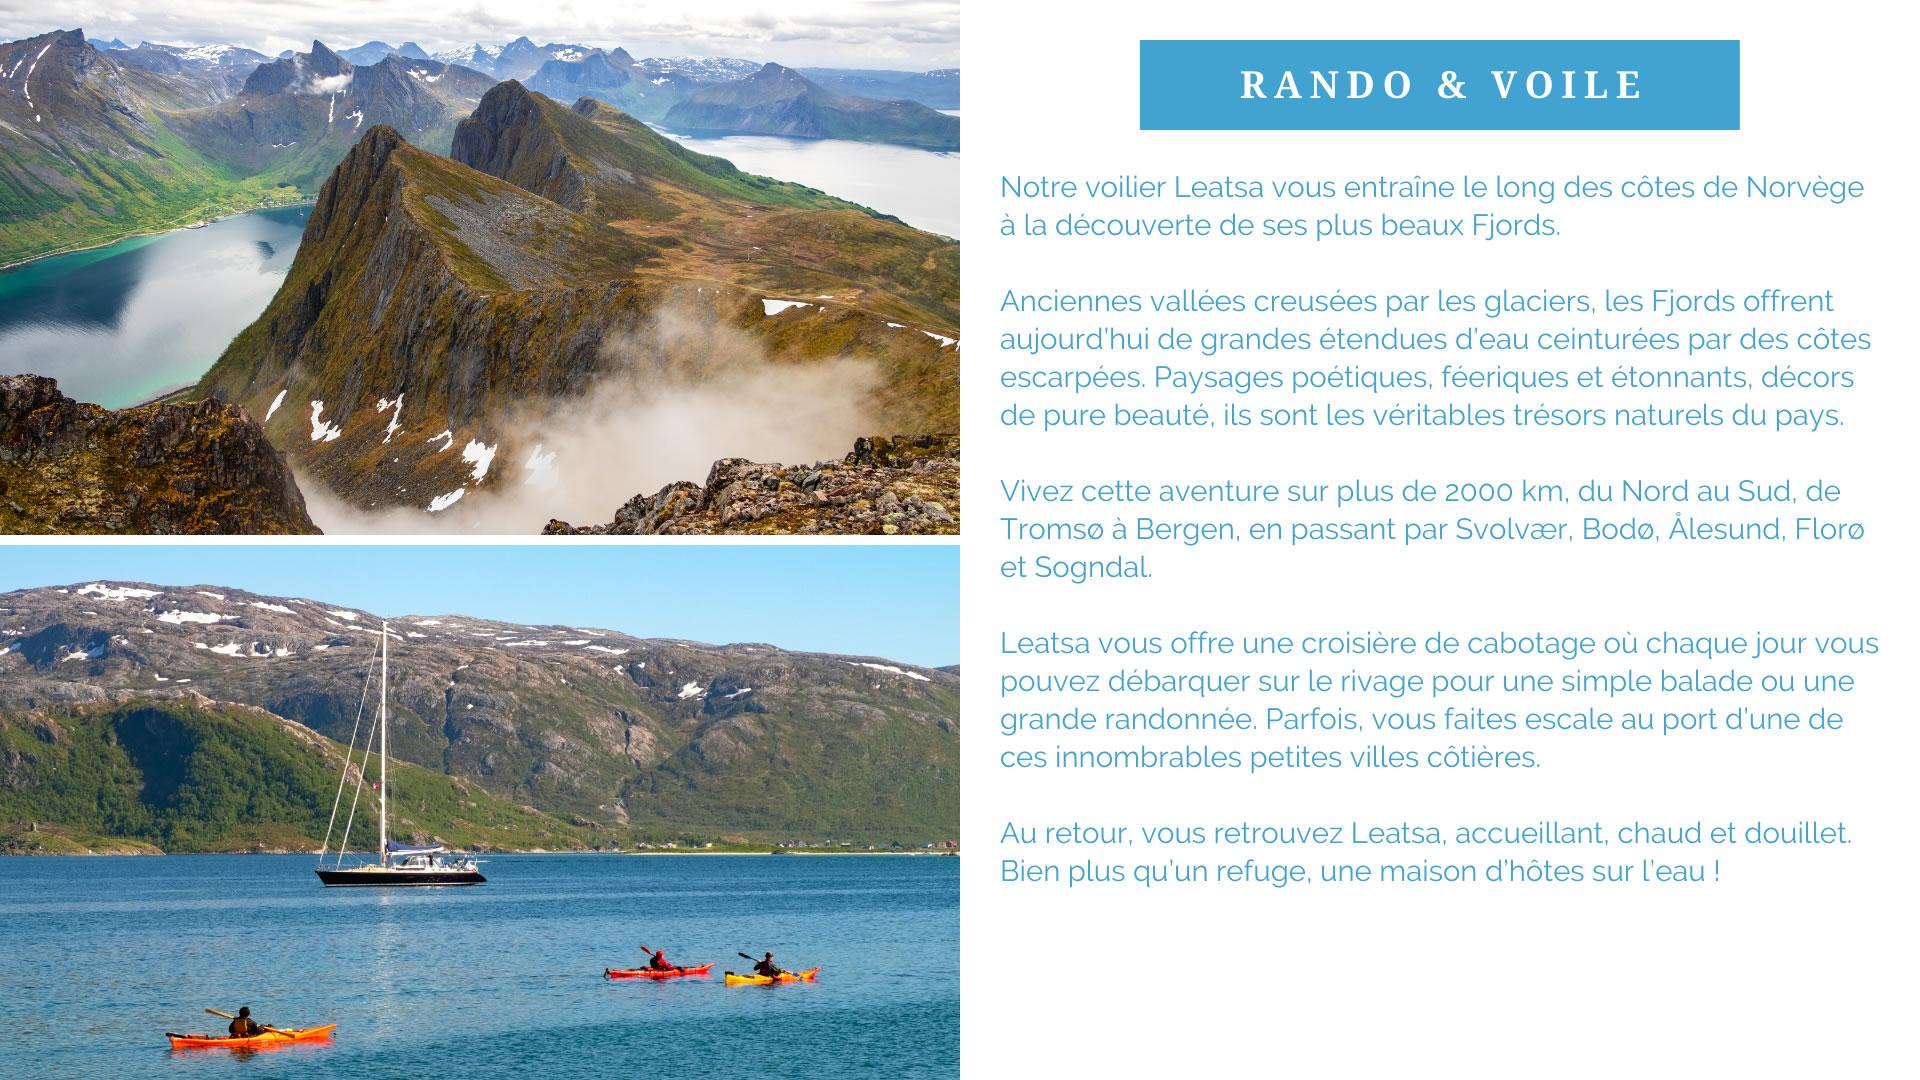 Rando&Voile2020-02